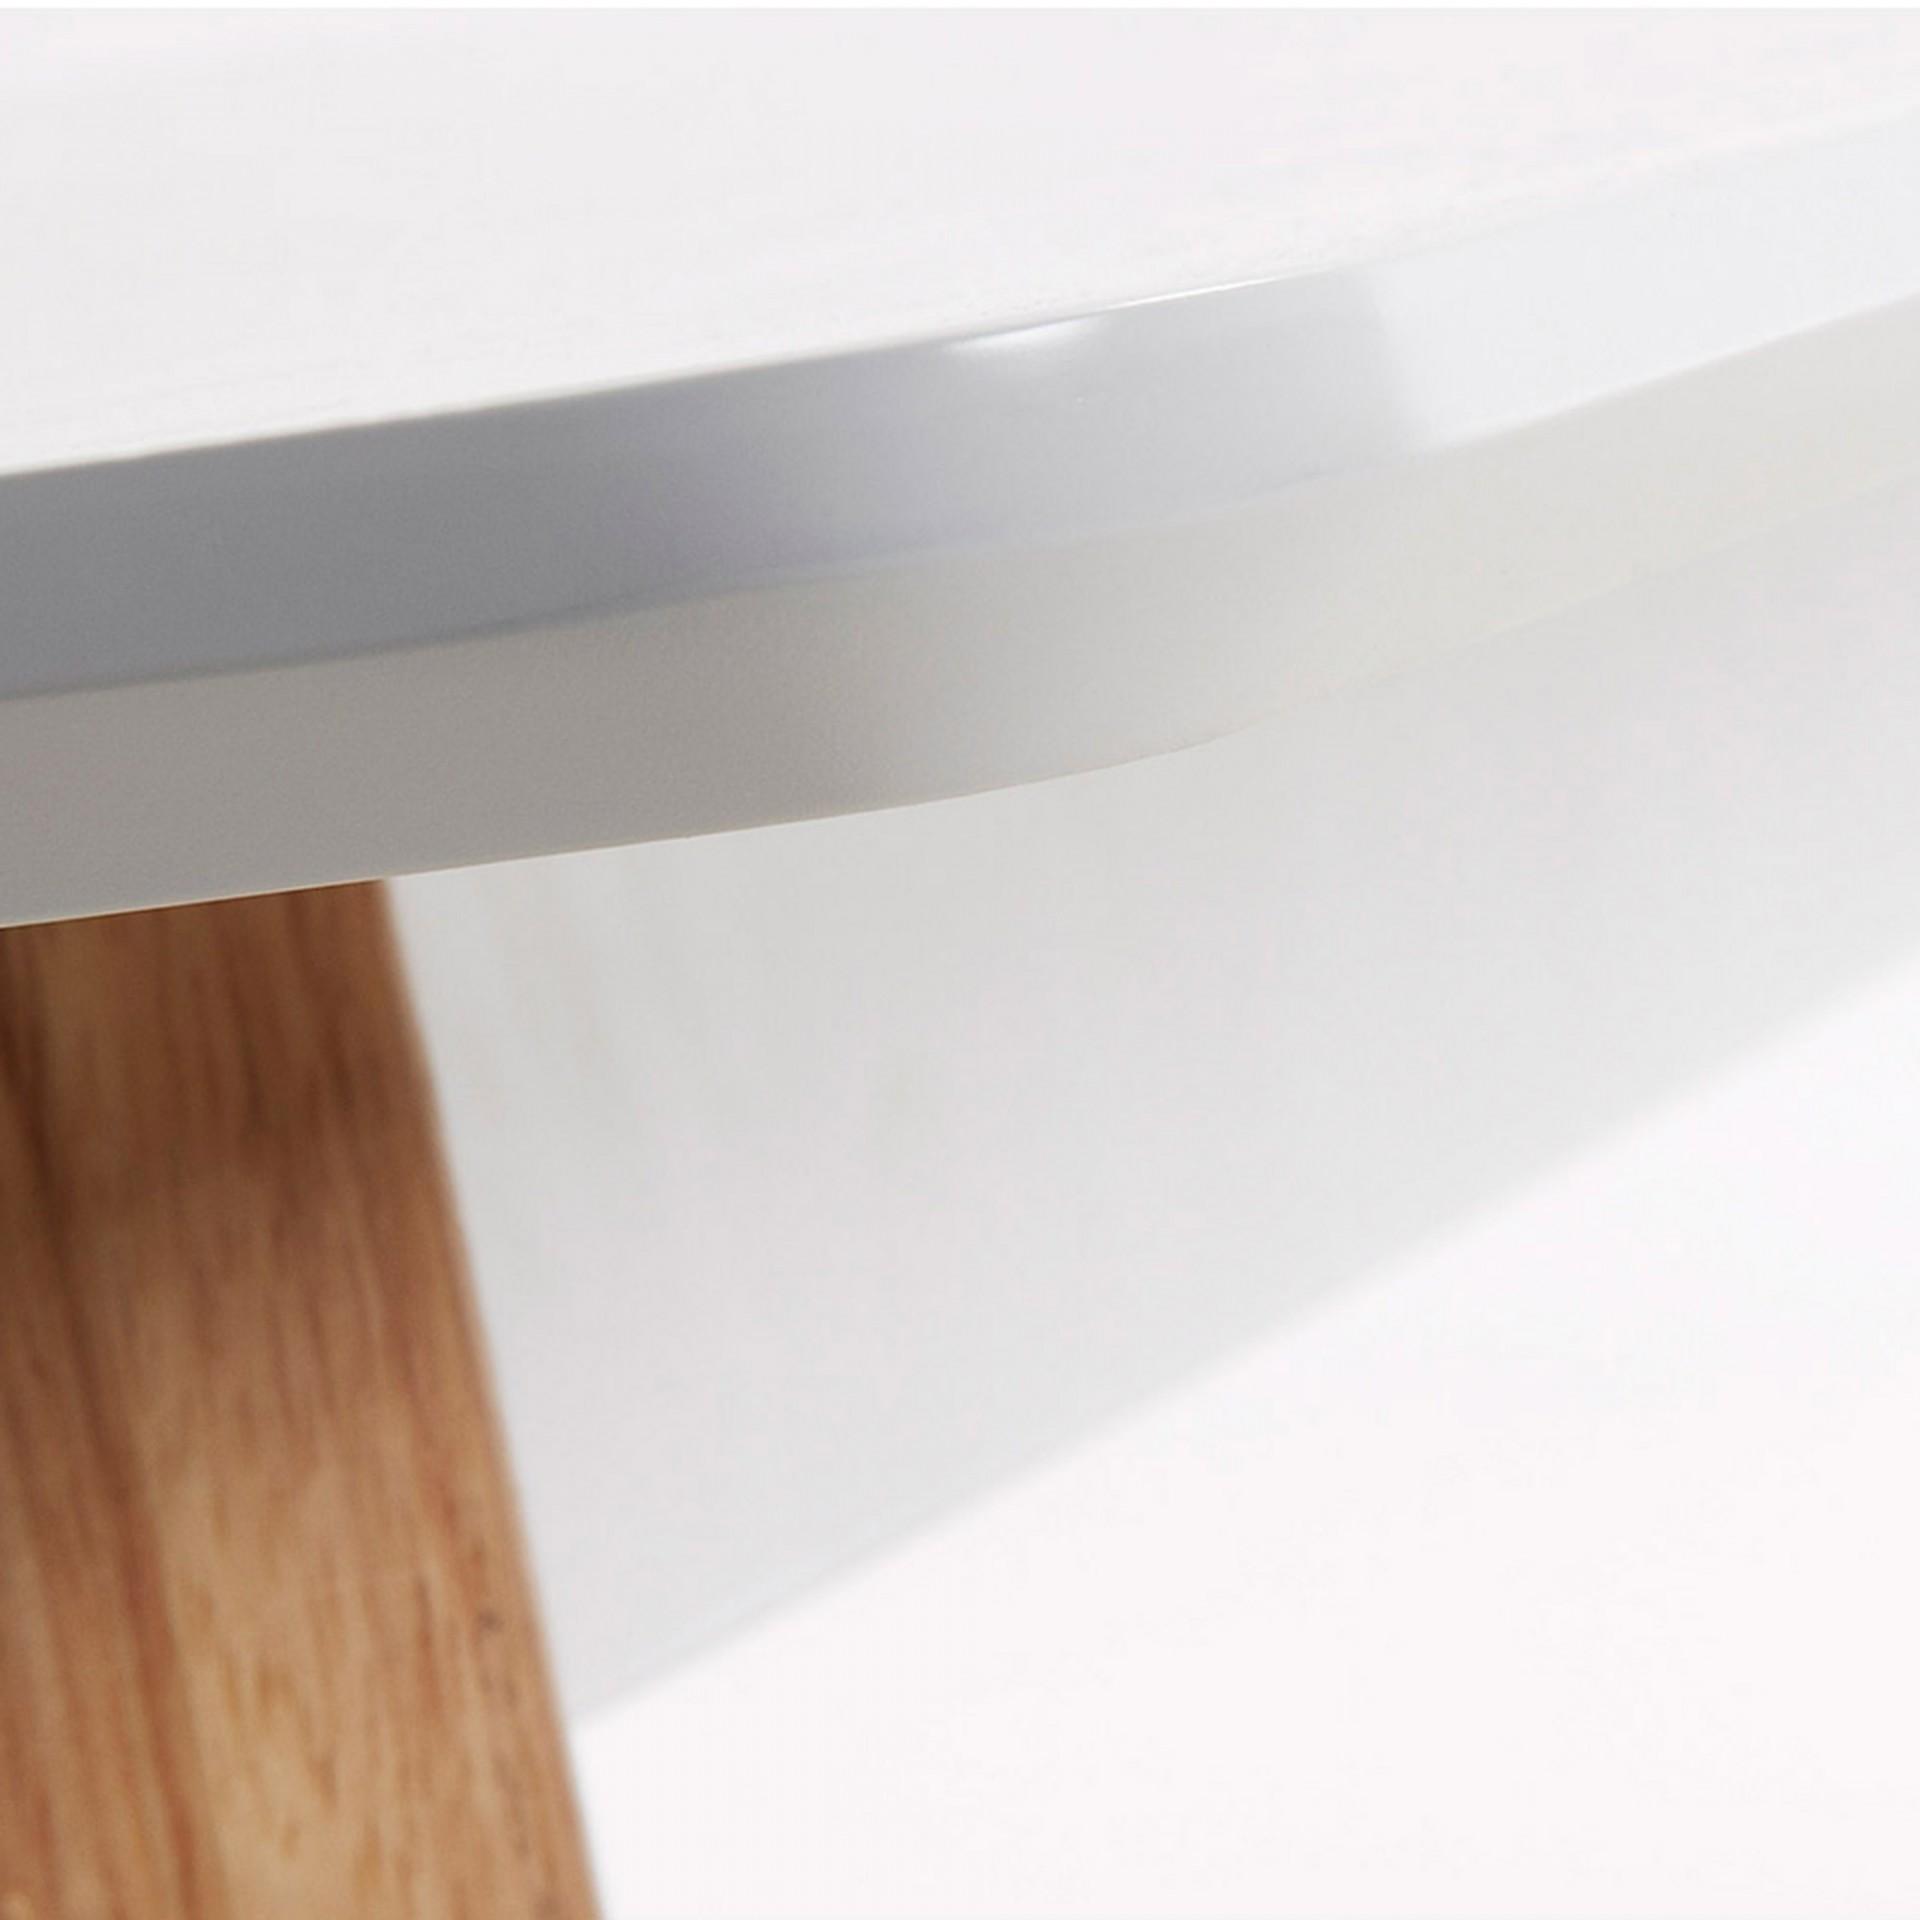 Mesa de jantar Melon, madeira de carvalho/MDF lacado, 160x90